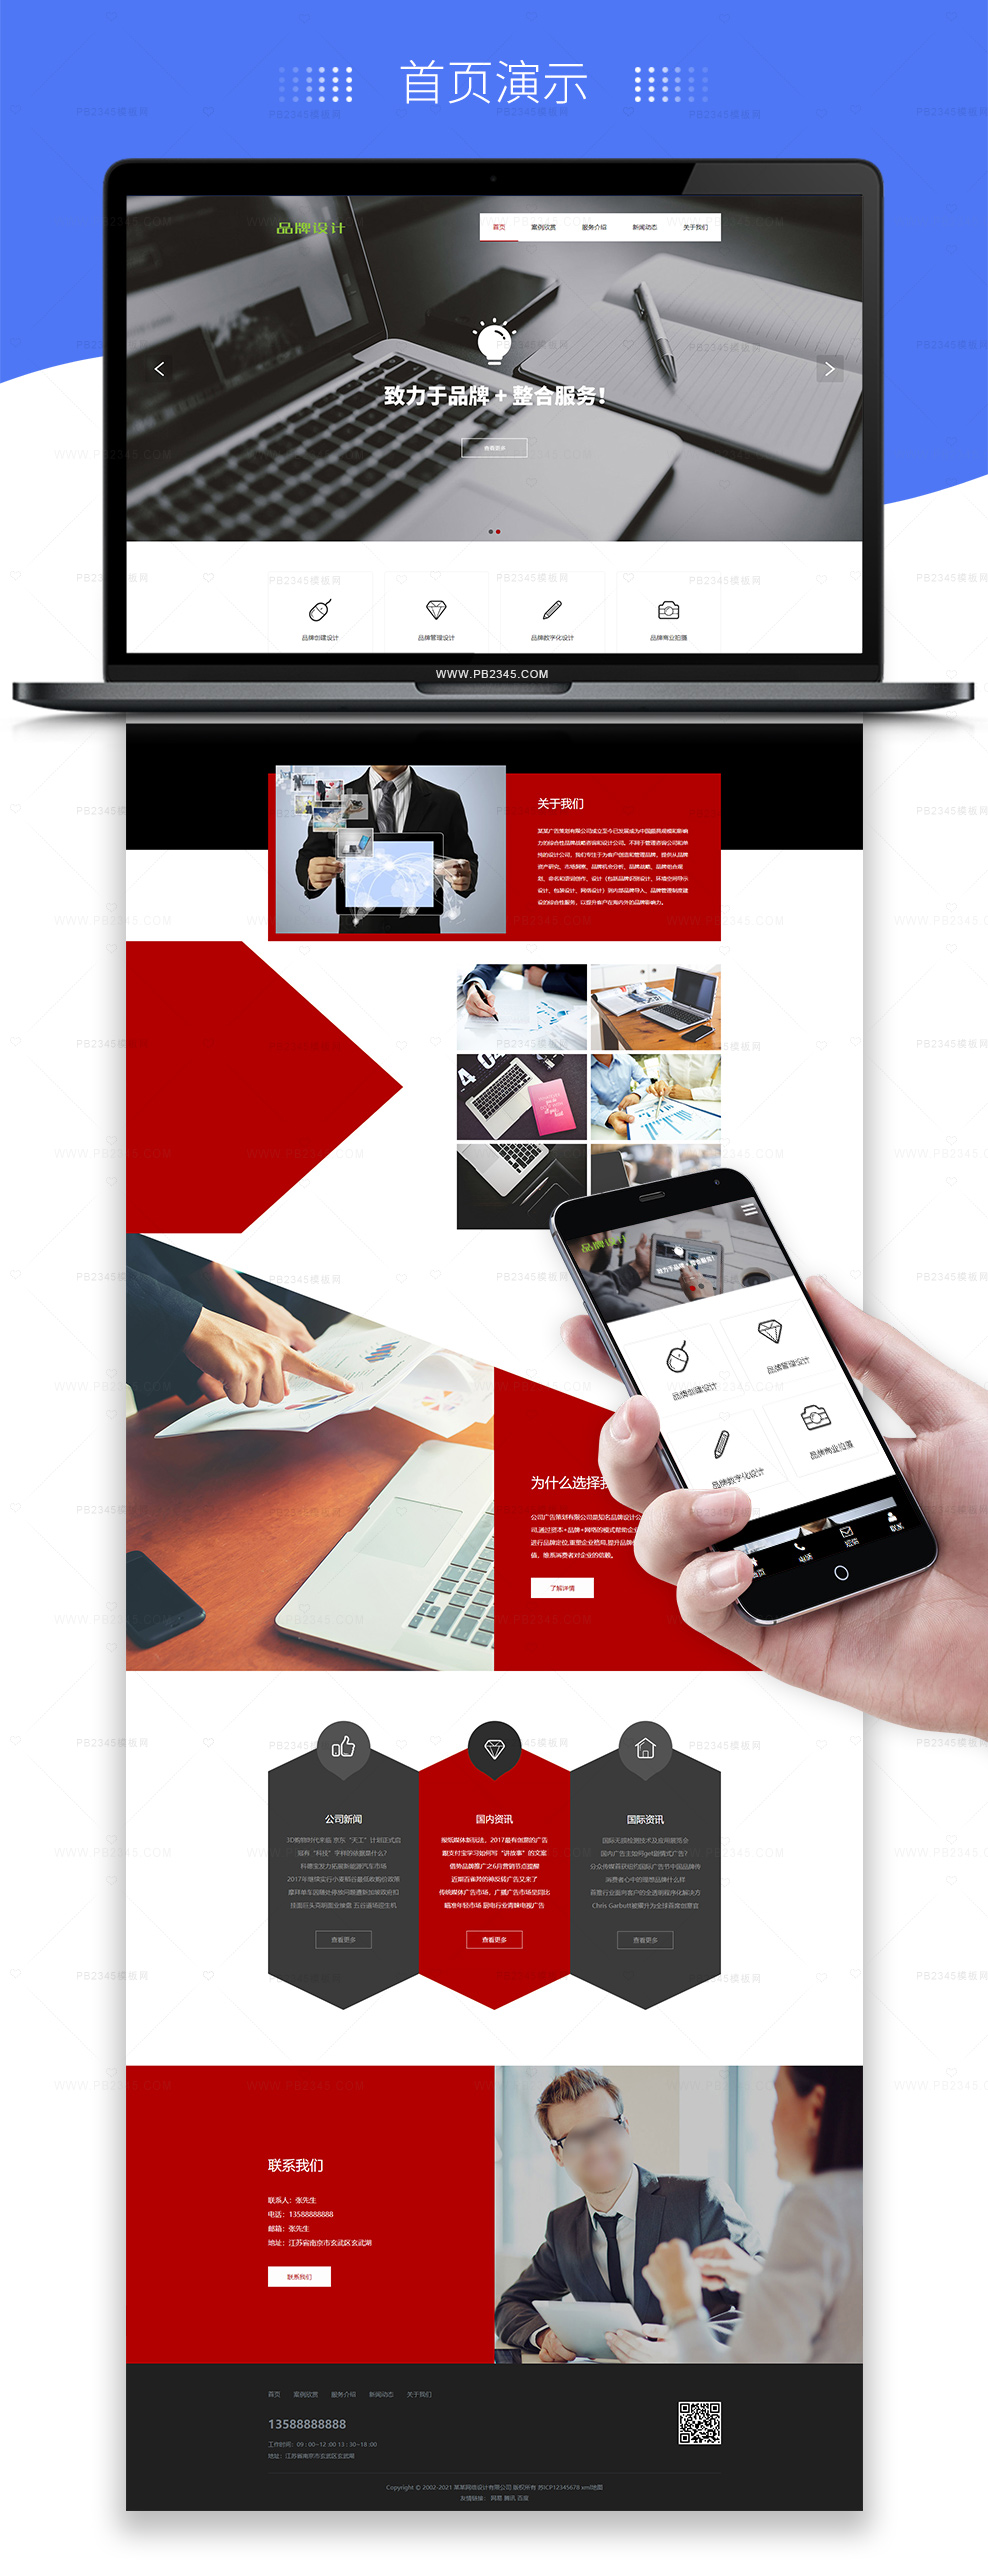 pbootcms网络品牌广告设计传媒类网站